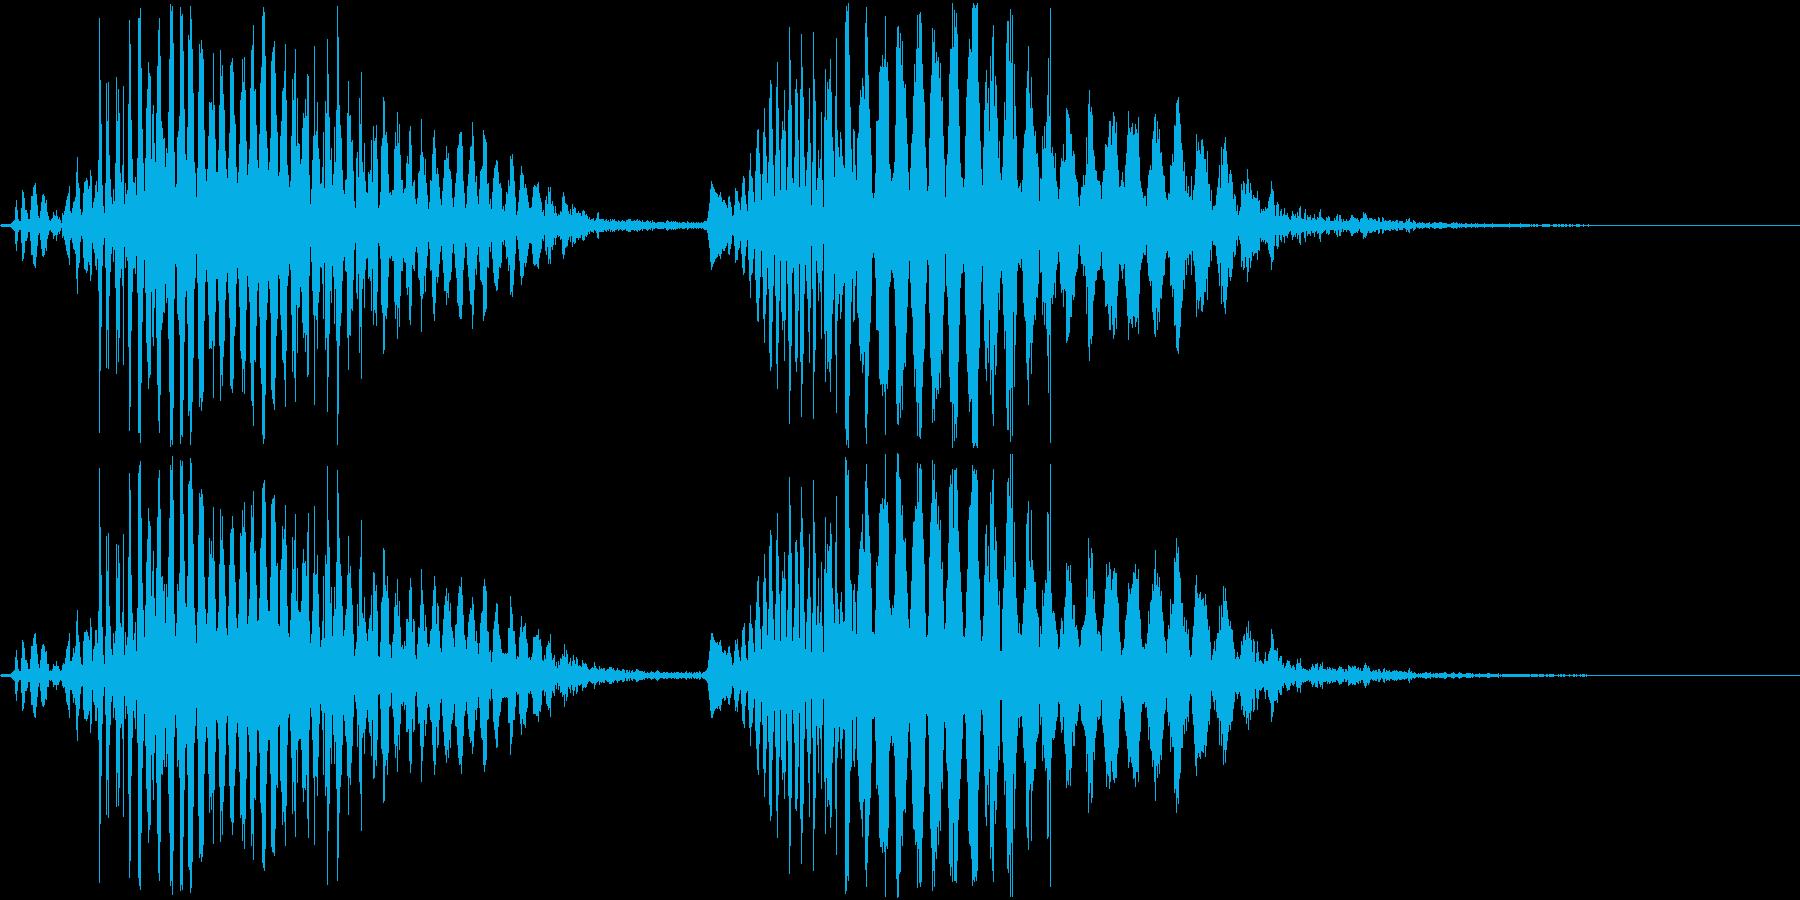 鳴き声03(空飛ぶモンスター系)の再生済みの波形